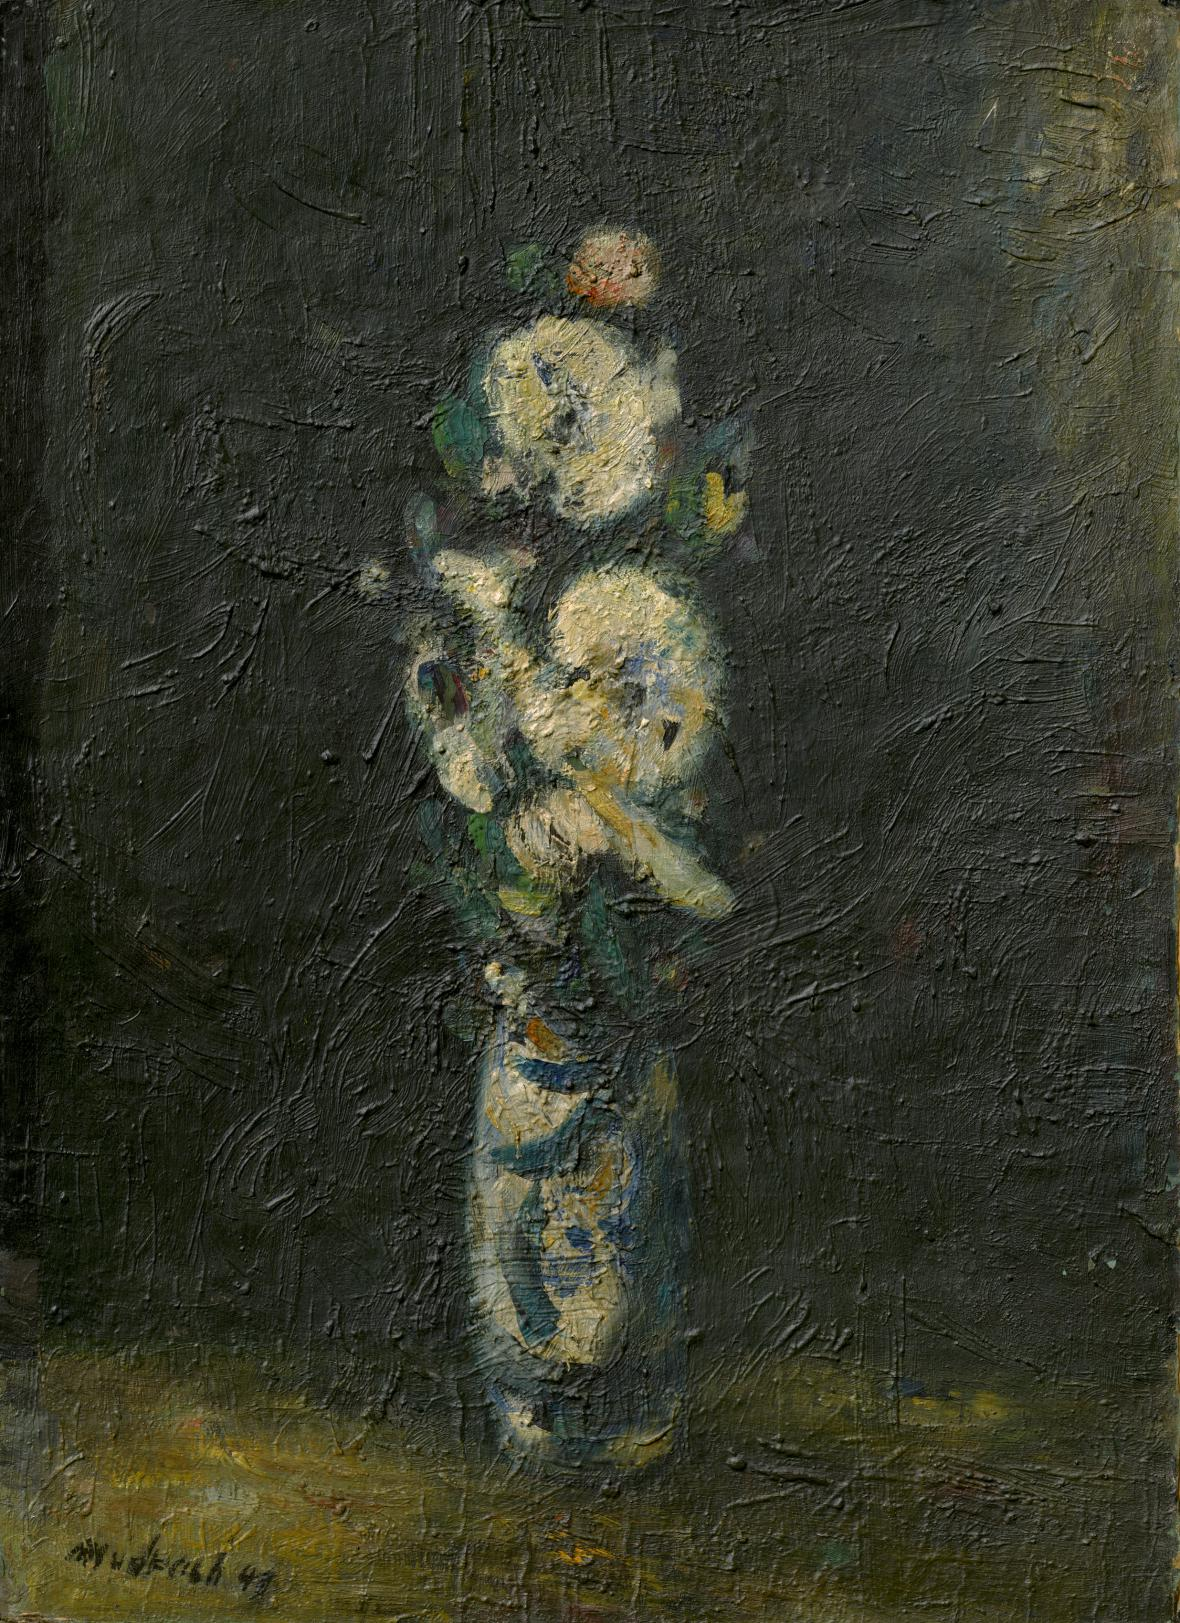 Ján Mudroch / Cizí růže, 1940